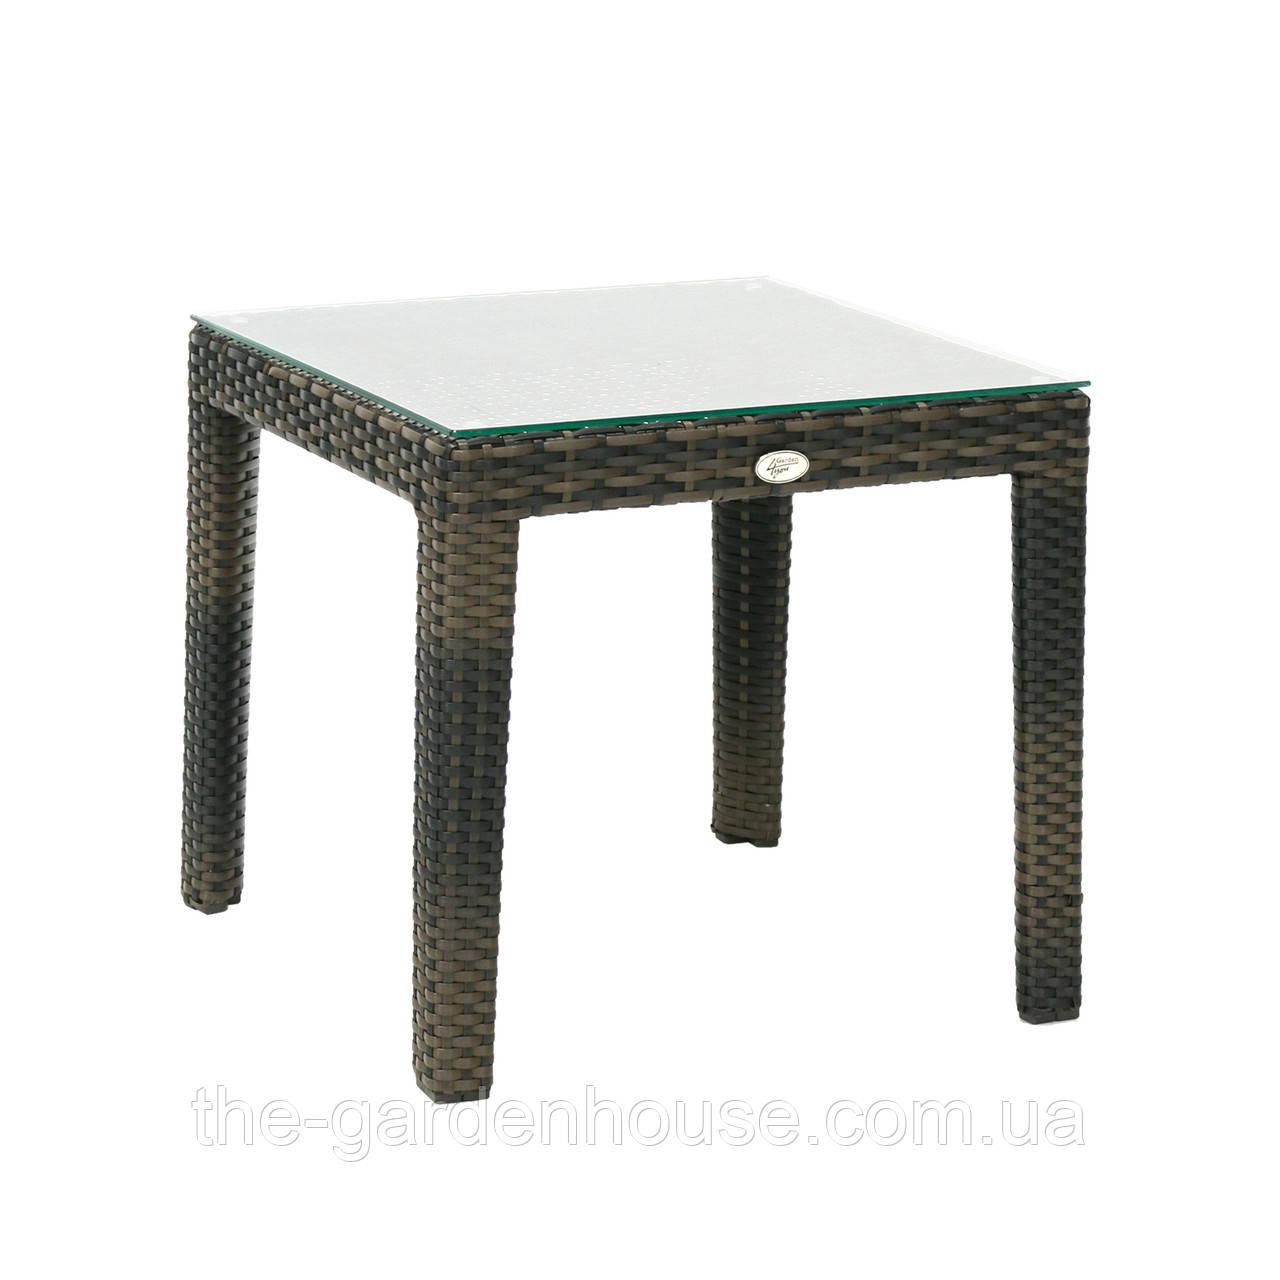 Кофейный столик Wicker из искусственного ротанга 50х50 см темно-коричневый